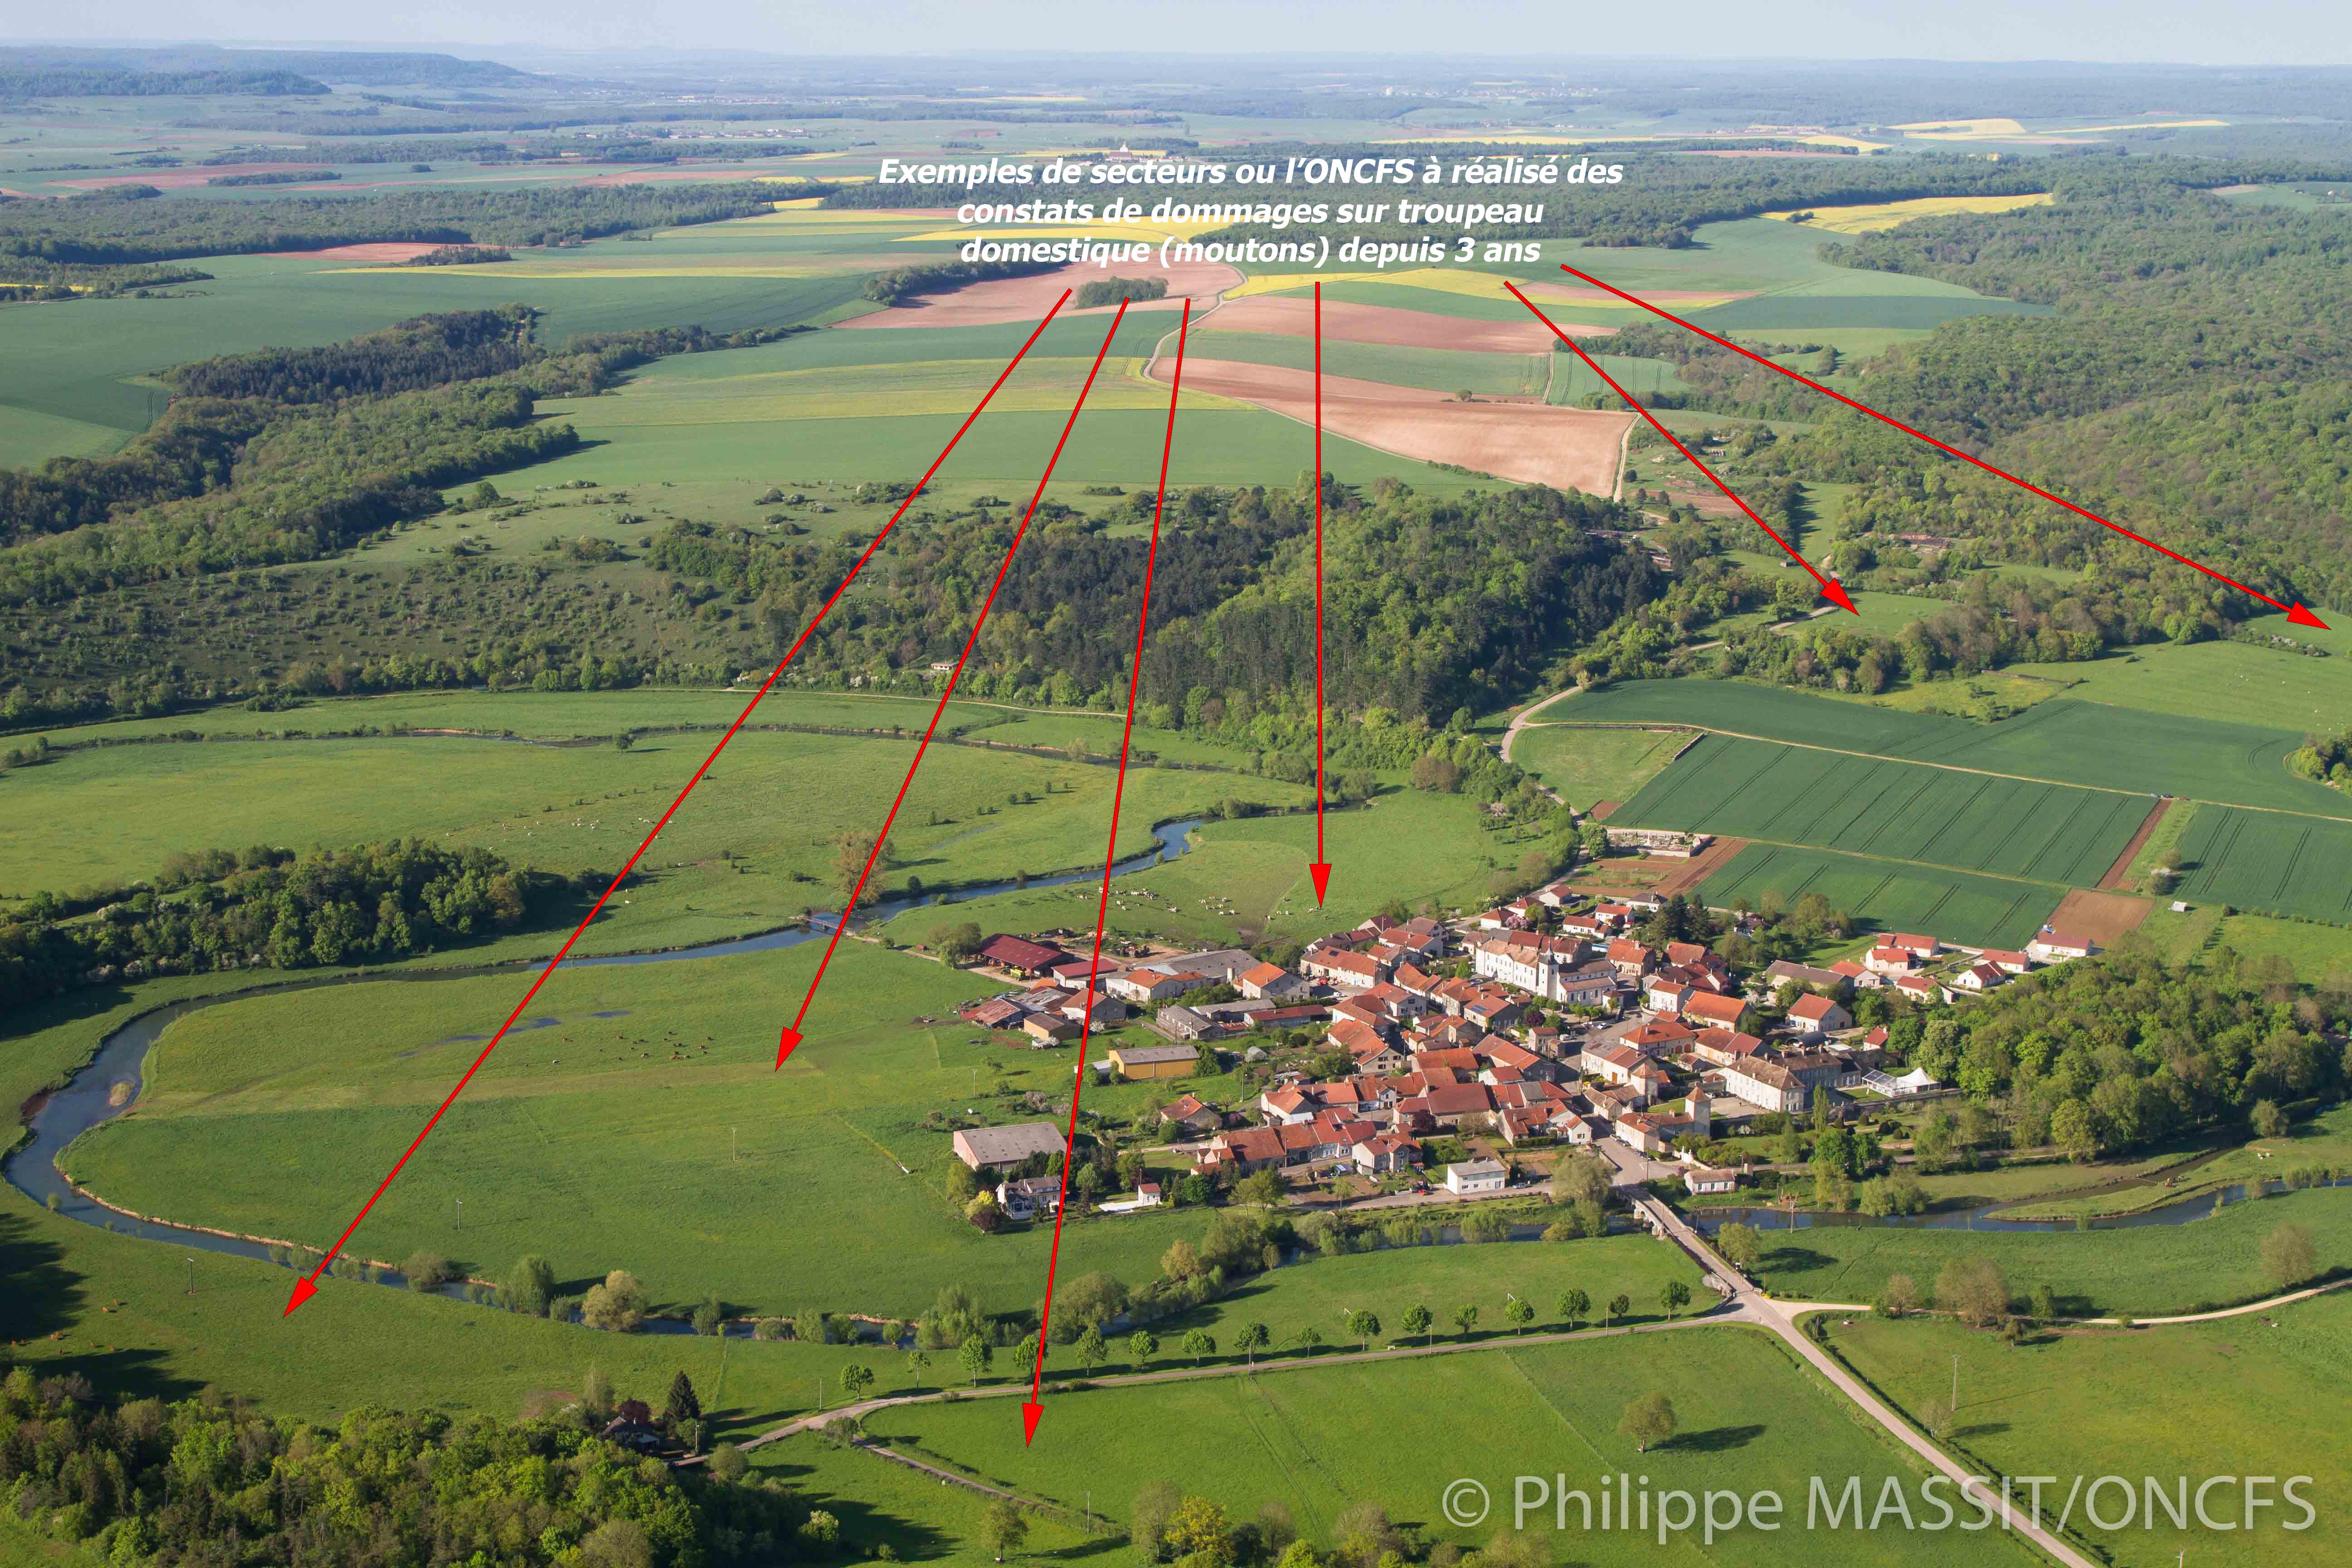 Secteurs à proximité du village d'Autigny-la-Tour où l'ONCFS a réalisé depuis 3 ans des constats de dommages sur troupeaux domestiques